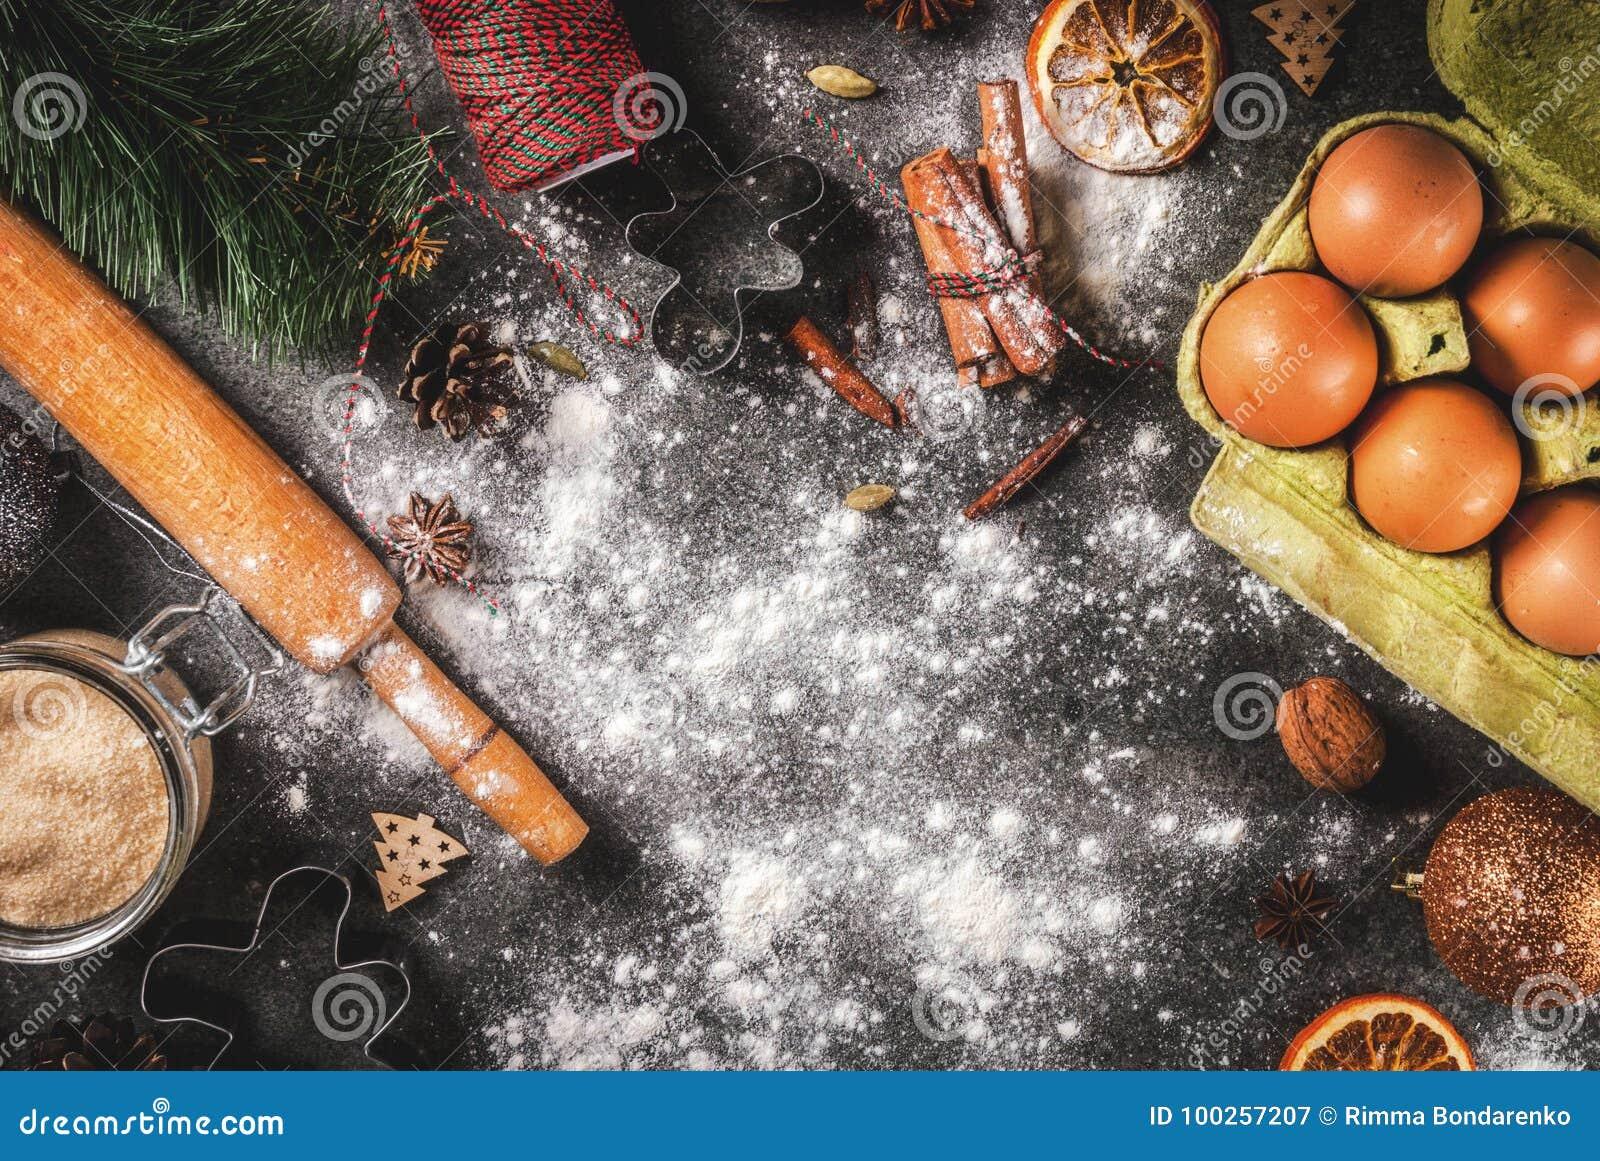 Bożenarodzeniowy kulinarny wypiekowy tło